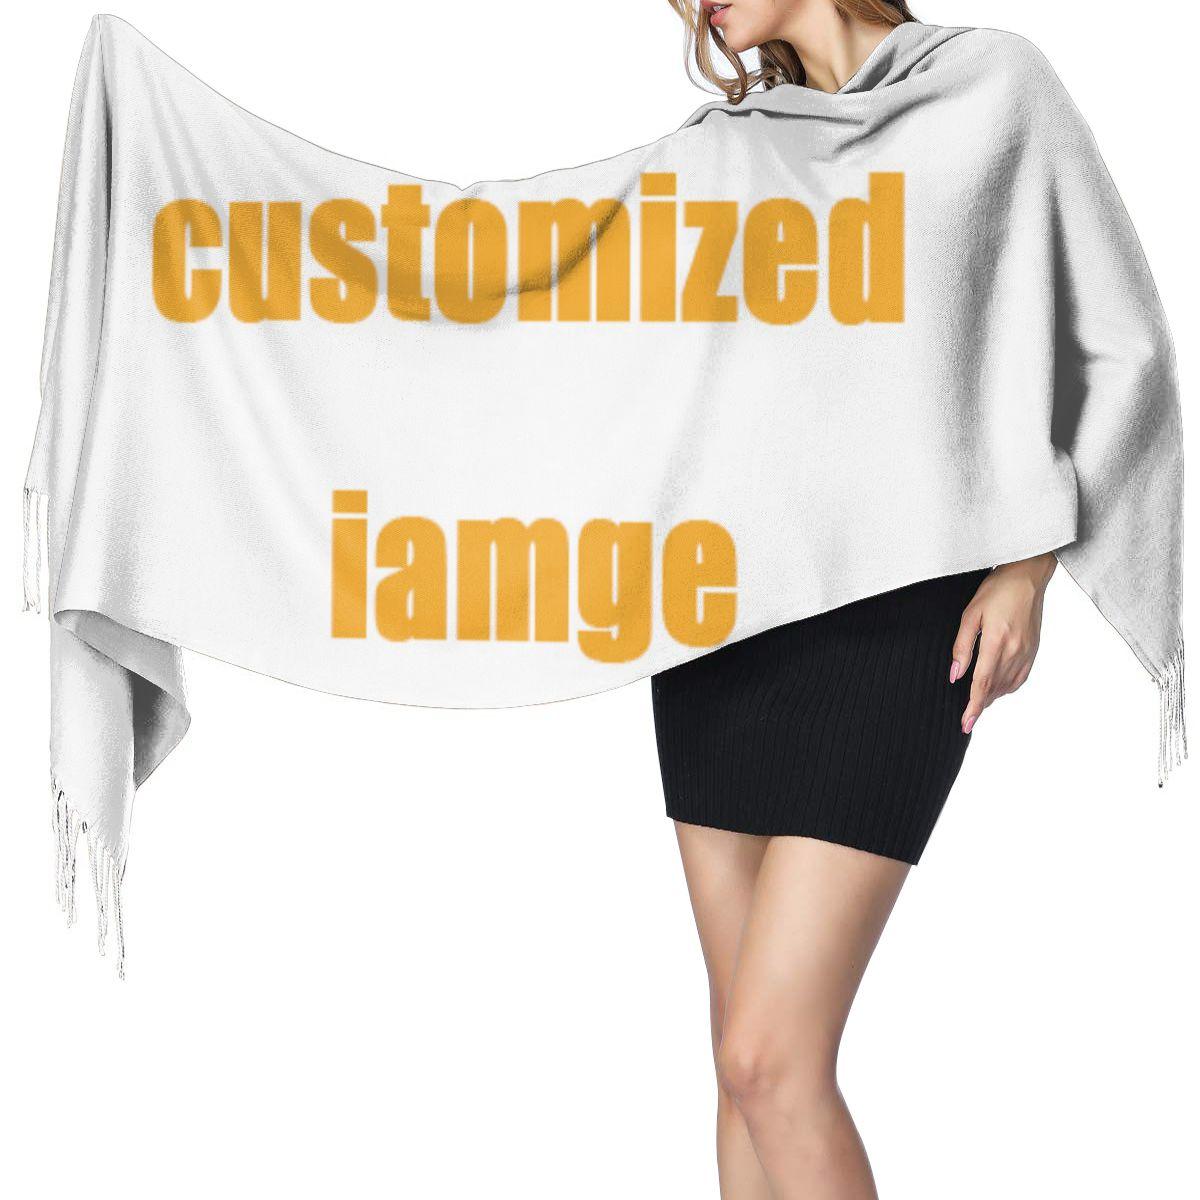 NOISYDESIGNS bufandas de cachemir personalizadas para mujer con borla otoño nuevo suave cálido señora niñas envuelve bufanda larga fina chal femeninoBufandas de mujer   -